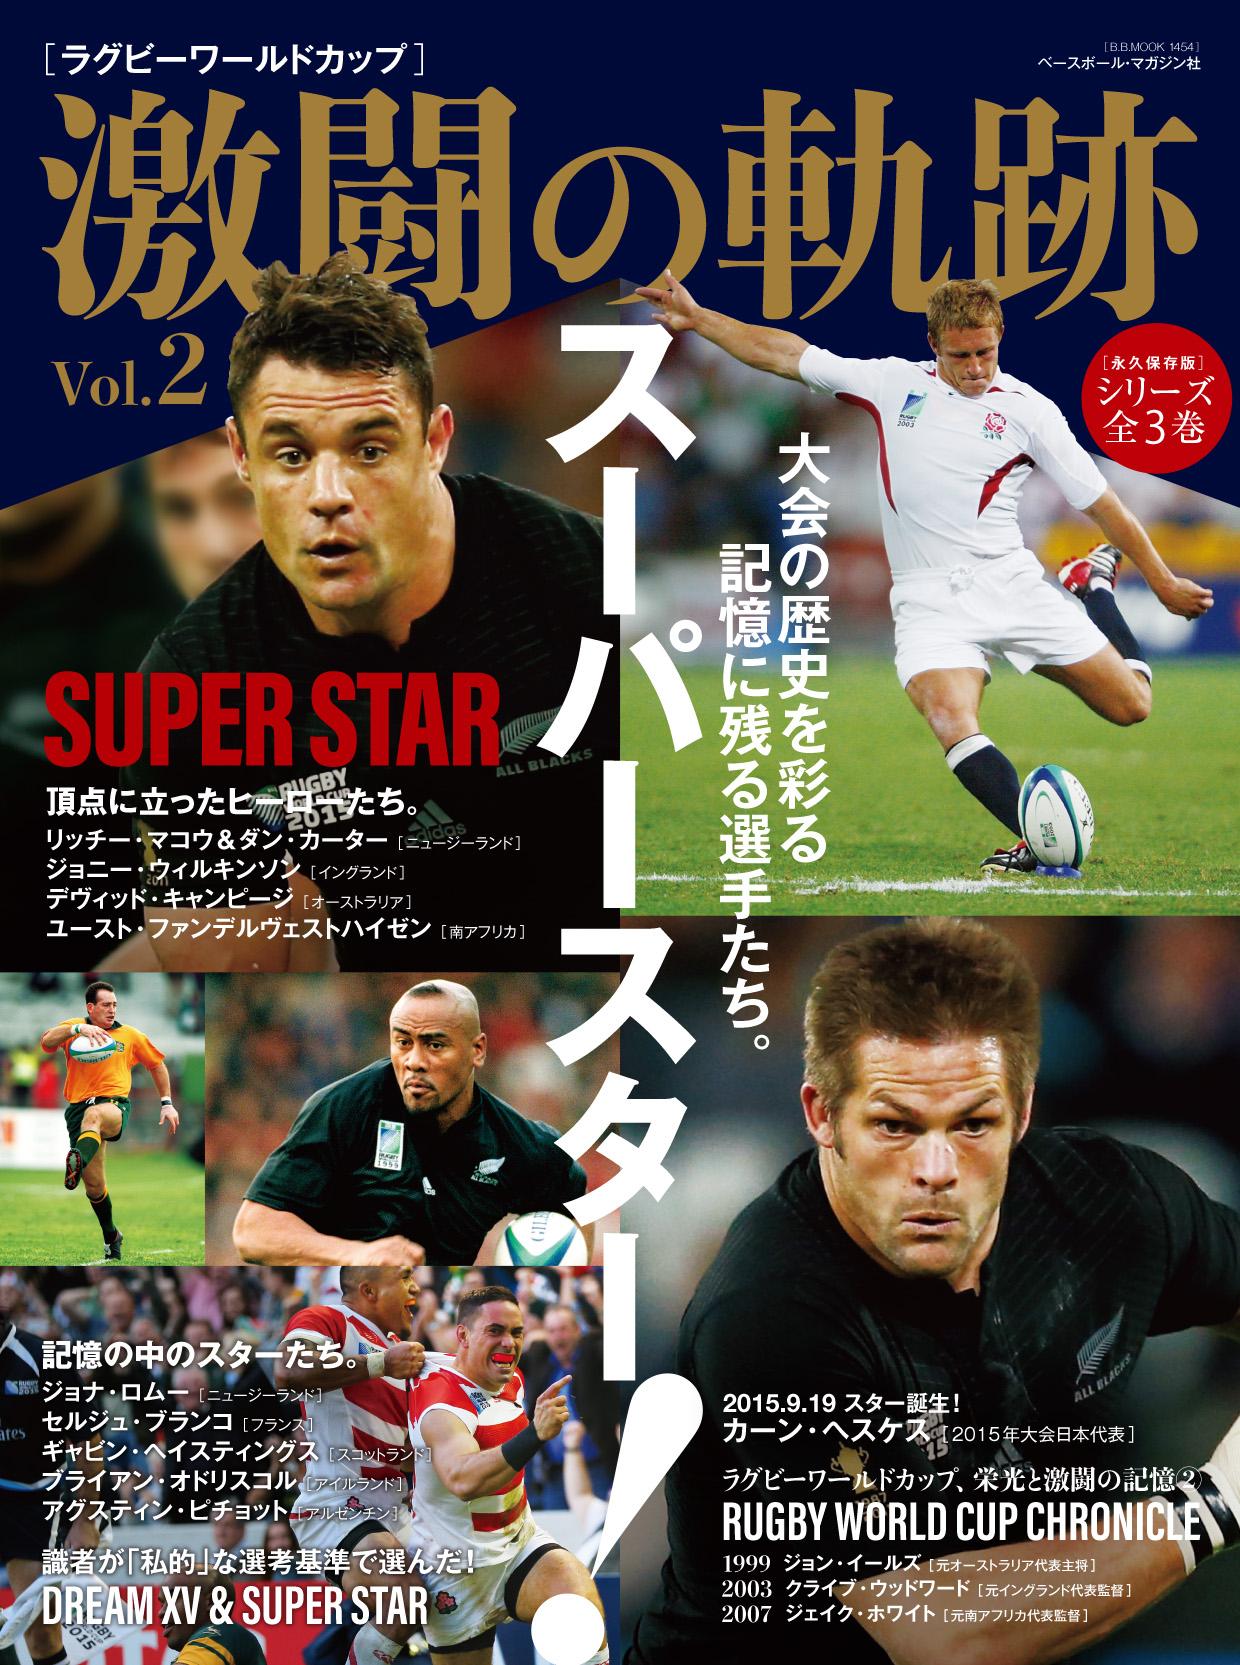 ラグビーワールドカップ 激闘の軌跡 Vol.2